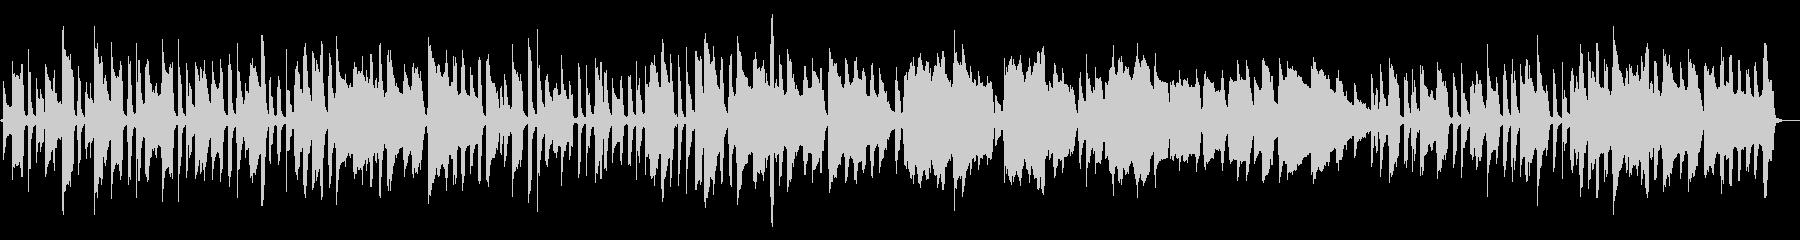 シンプルな編成のファンタジーな楽曲ですの未再生の波形